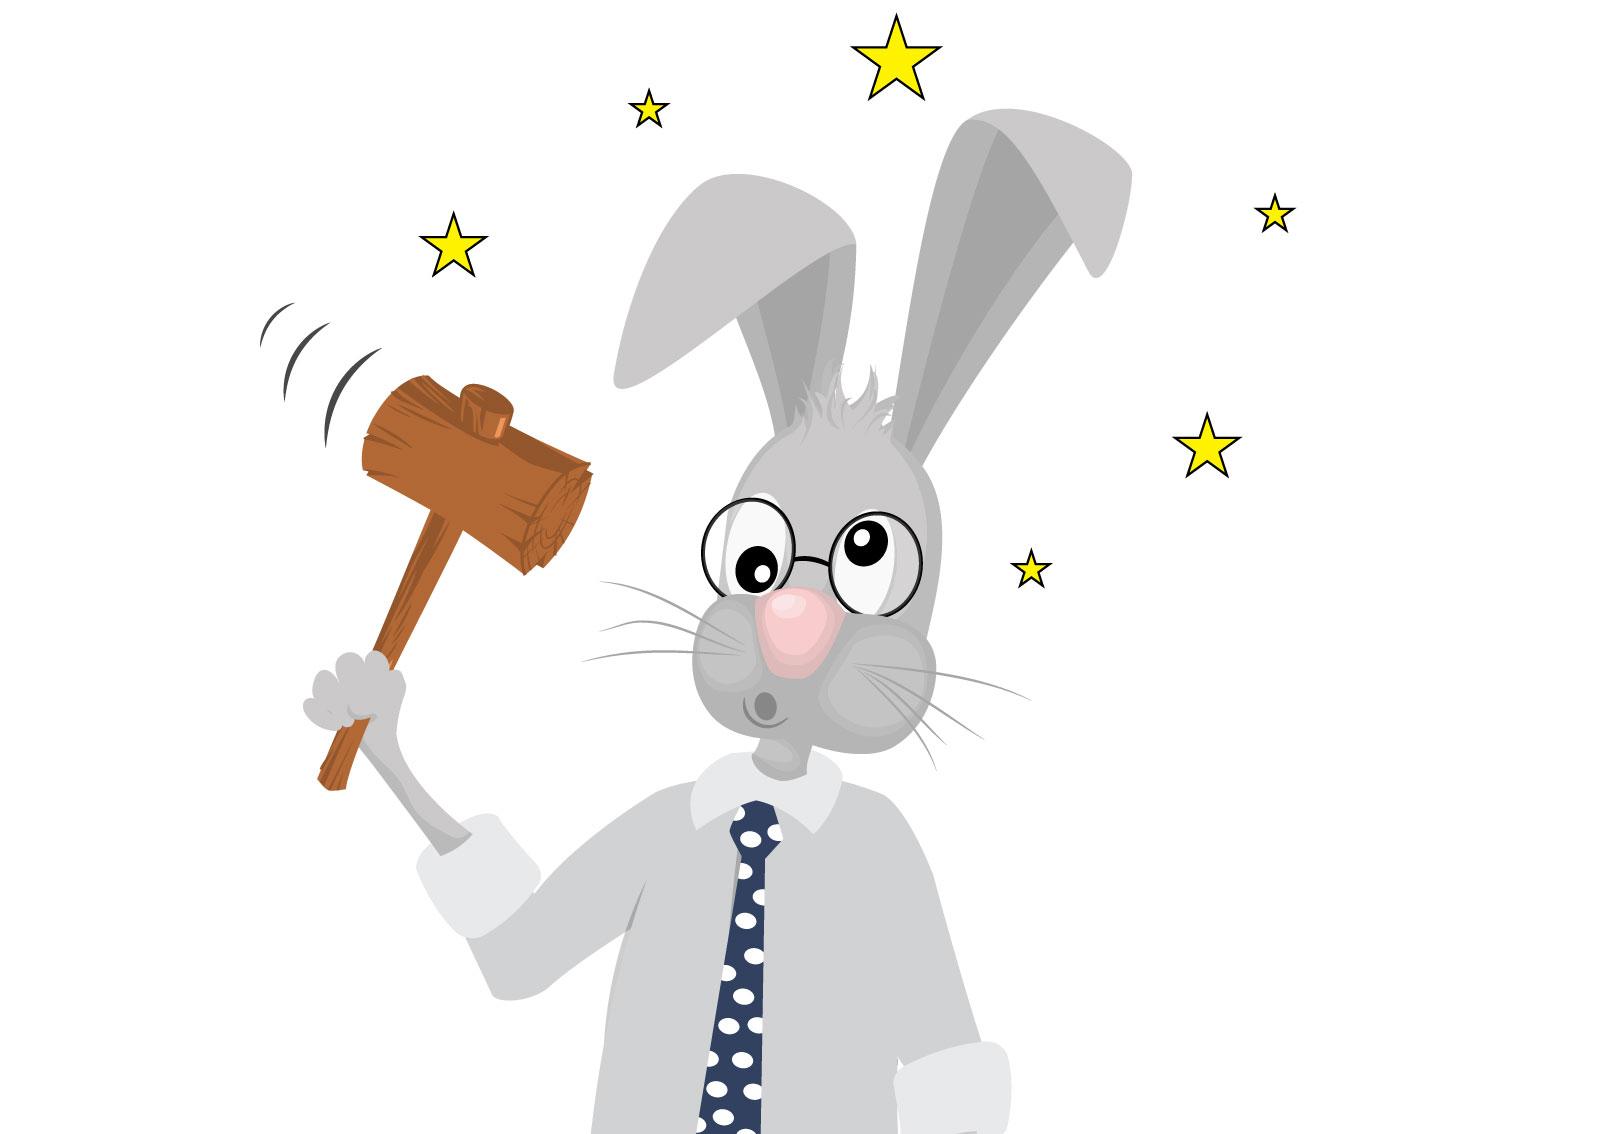 Smešna Ilustracija zeca koji se udara čekićem po glavi